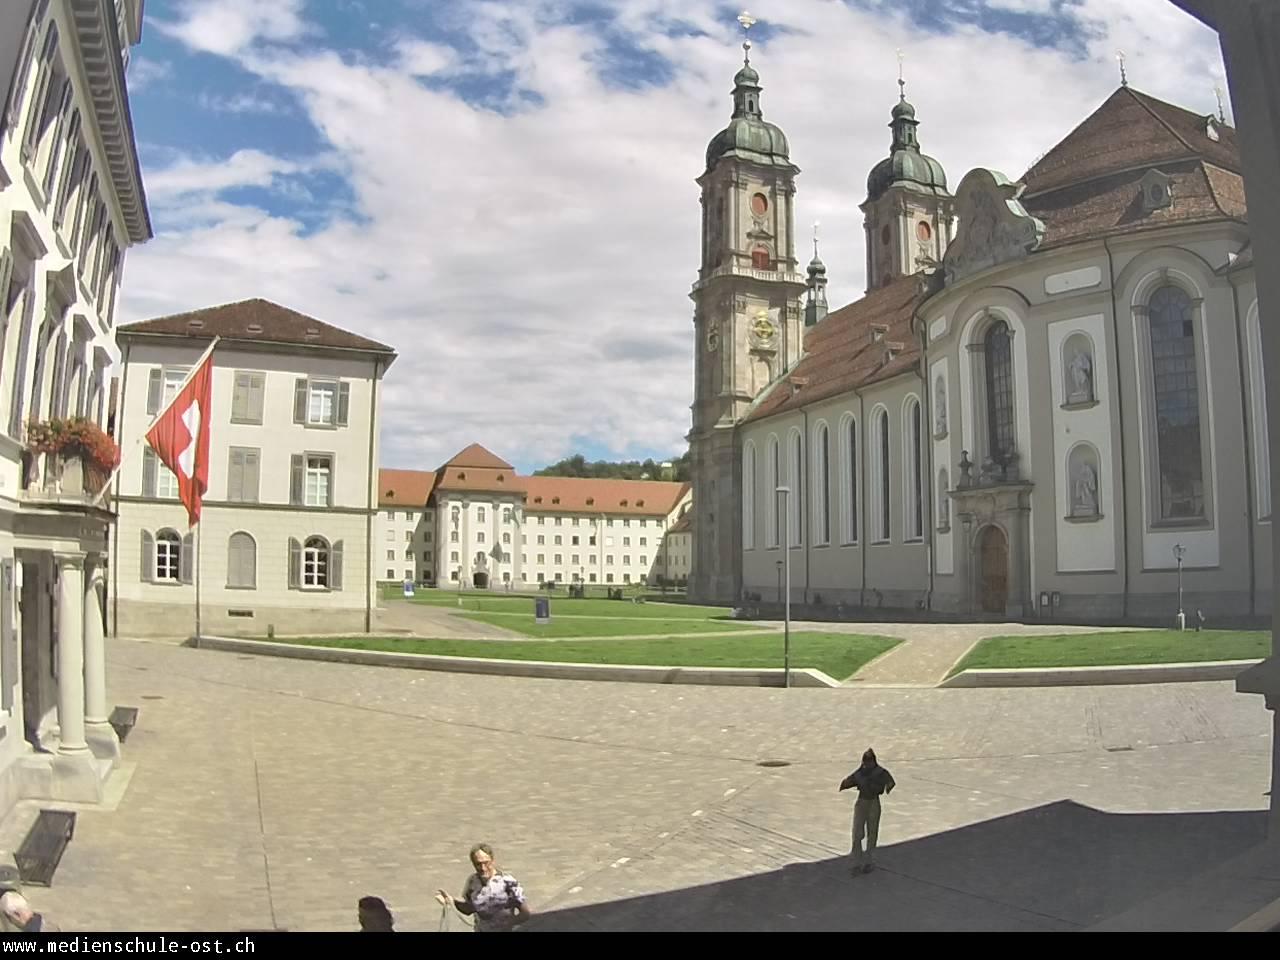 St. Gallen Mi. 14:46